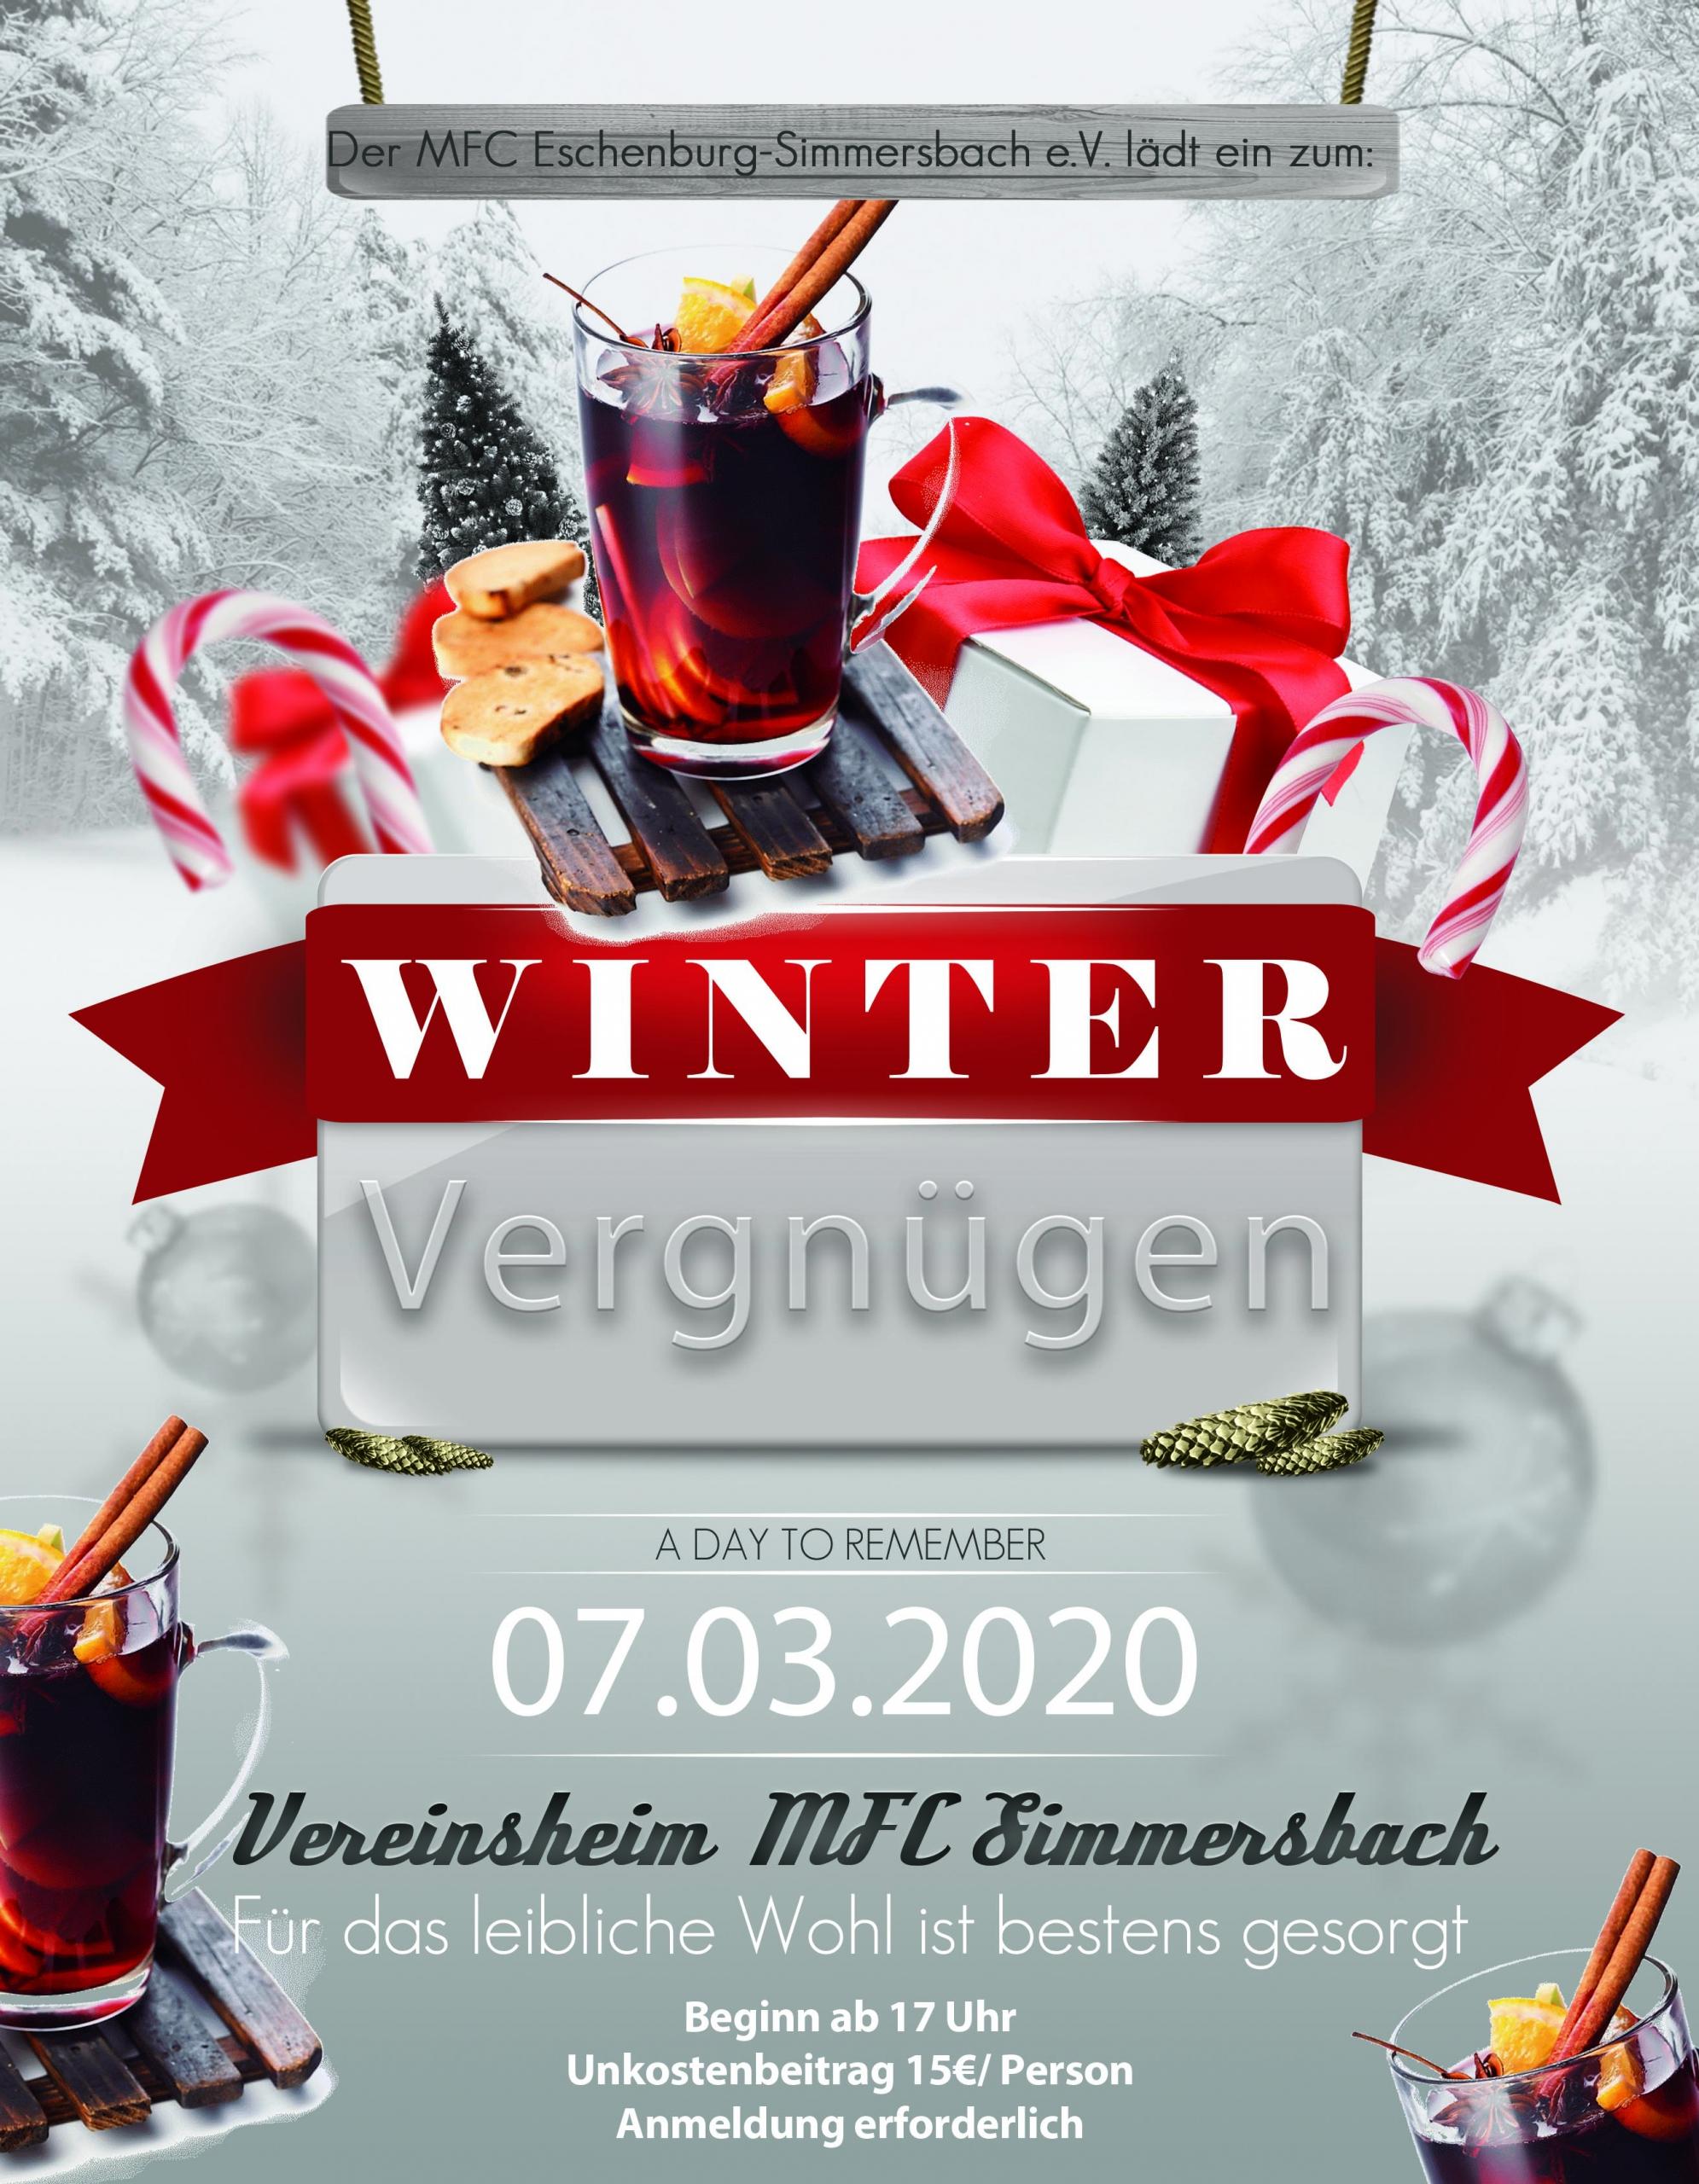 Wintervergnügen 2020